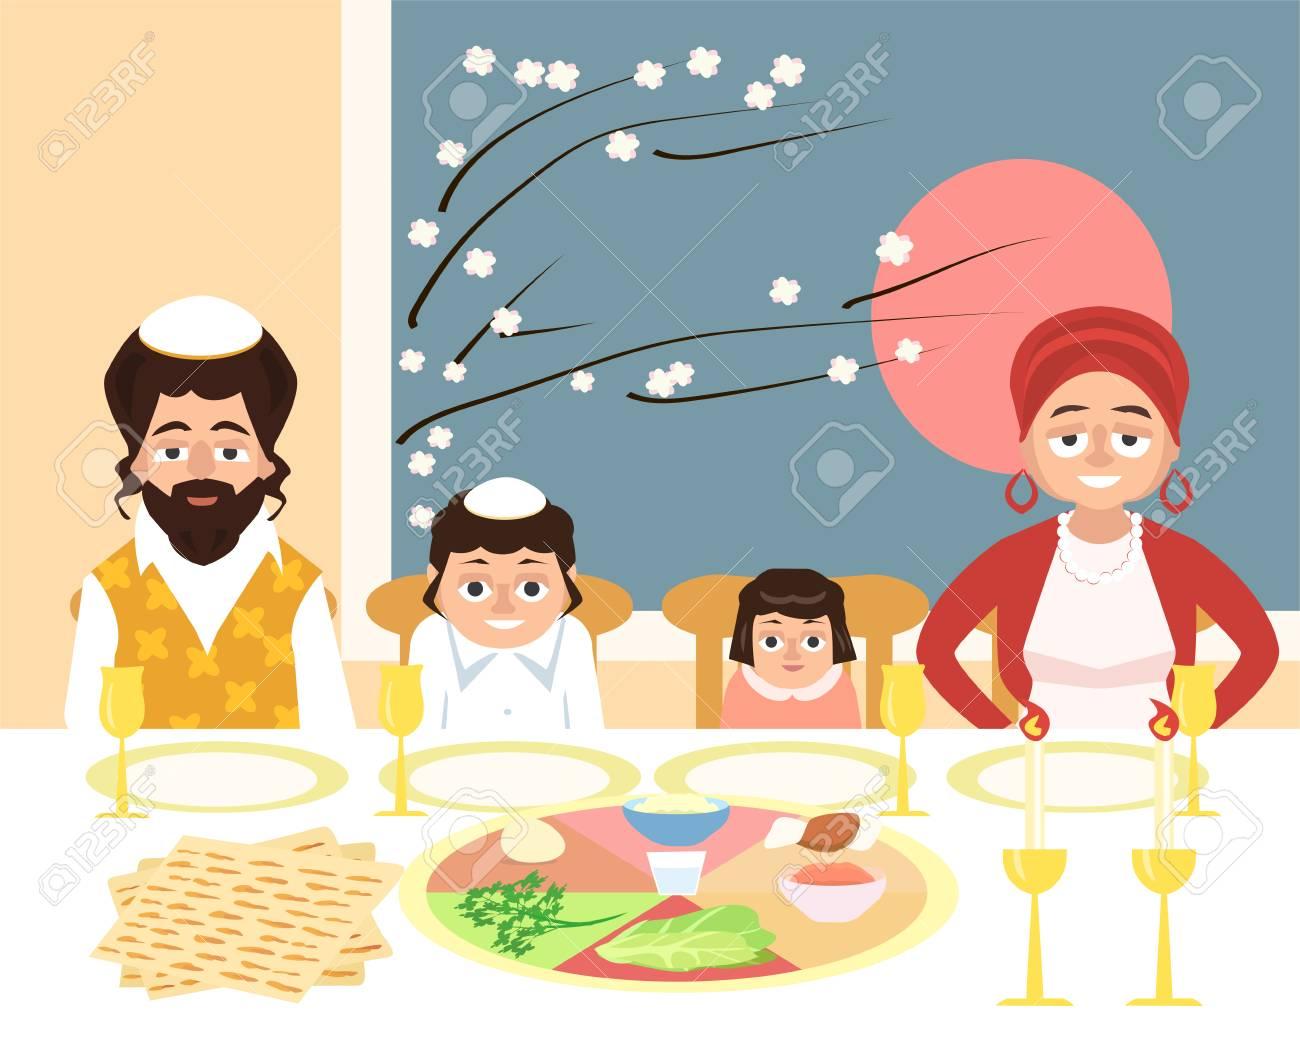 Familia Judaica Na Festa Da Pascoa Ilustracao Em Vetor Engracado Dos Desenhos Animados Em Estilo Simples Ilustraciones Vectoriales Clip Art Vectorizado Libre De Derechos Image 93239128